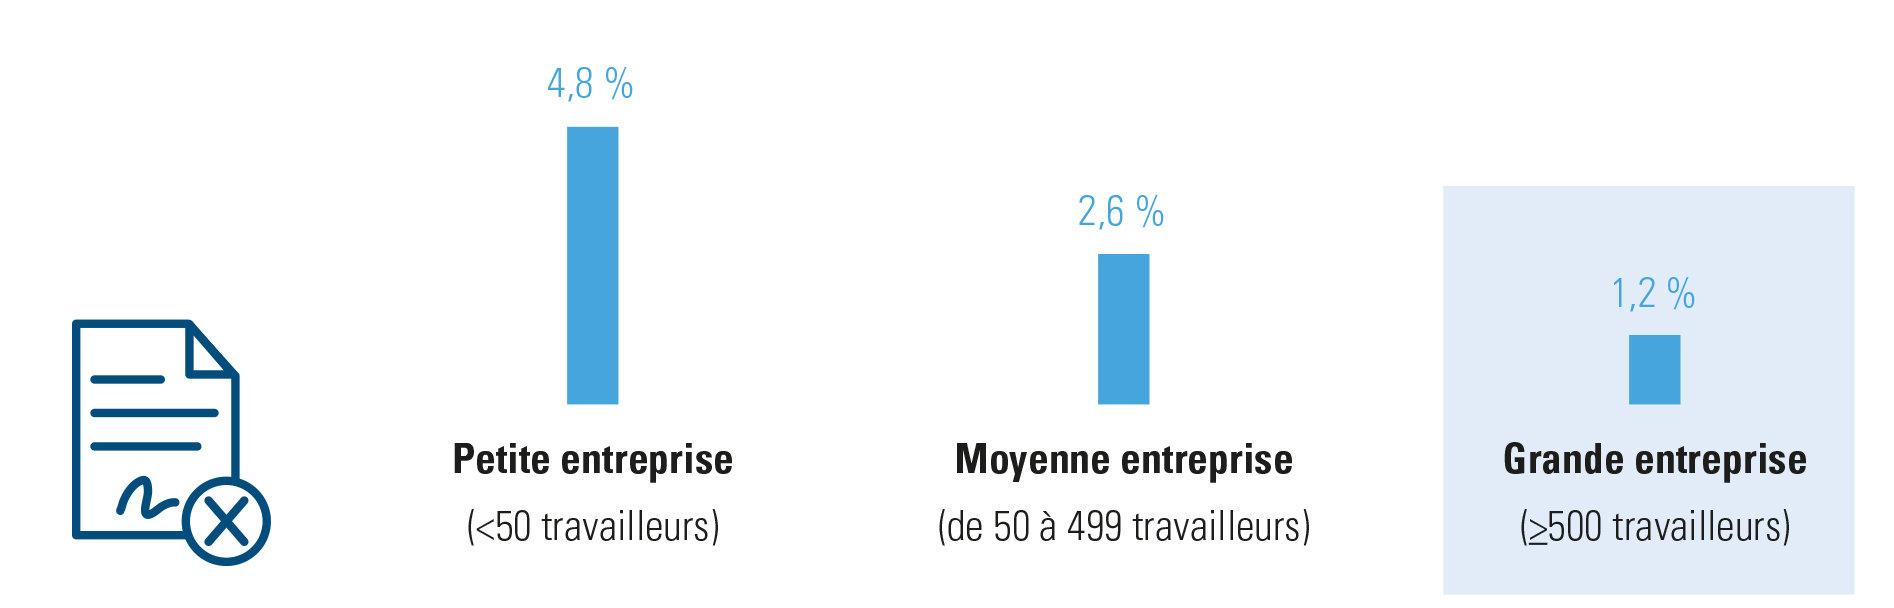 % fin de contrats à durée indéterminée par l'employeur, selon la taille de l'entreprise